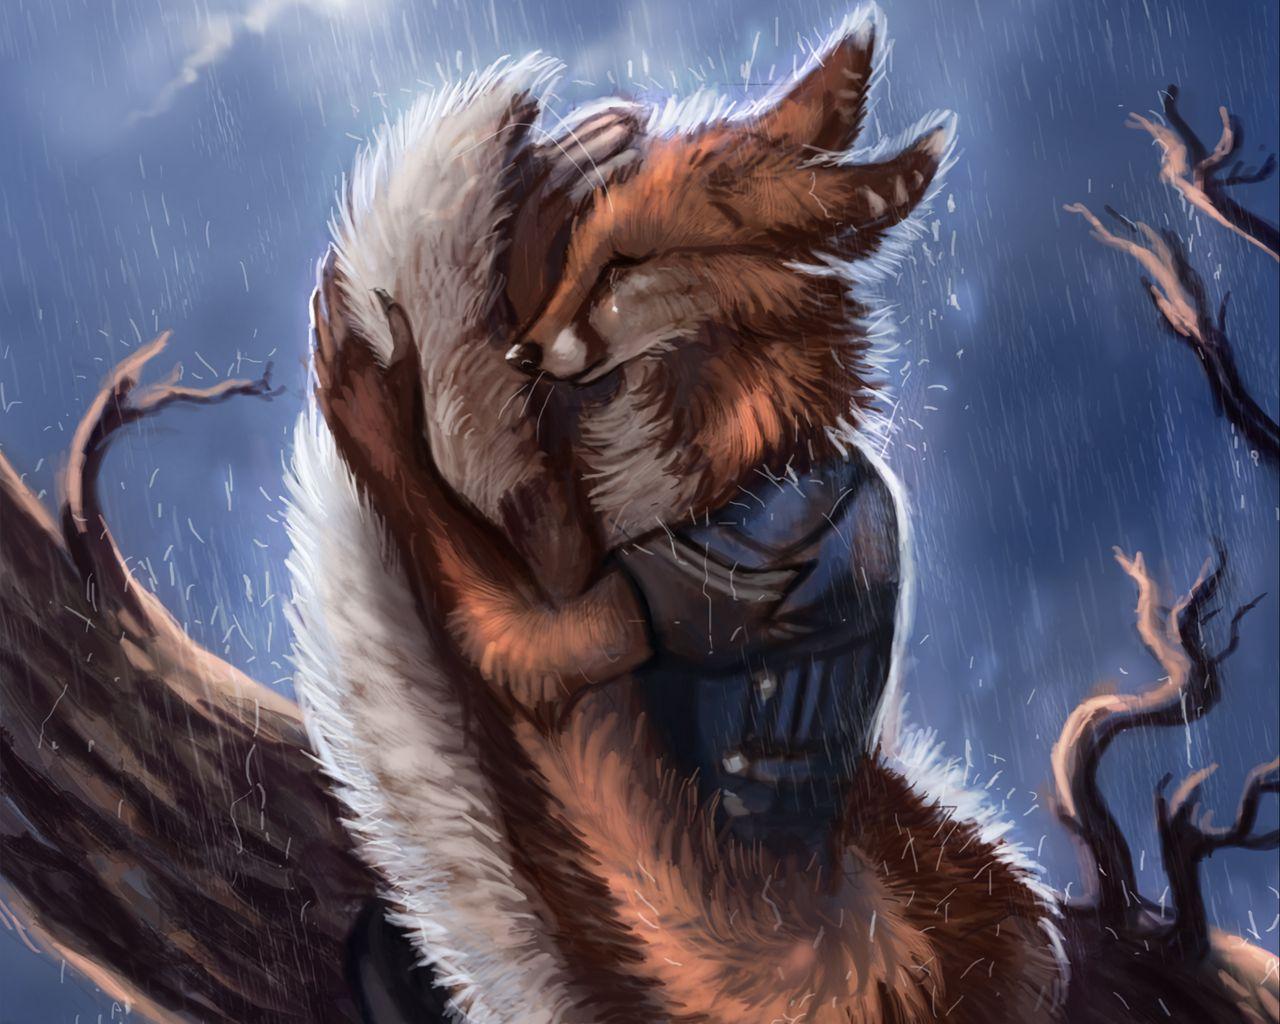 1280x1024 Wallpaper fox, tail, rain, hide, sadness